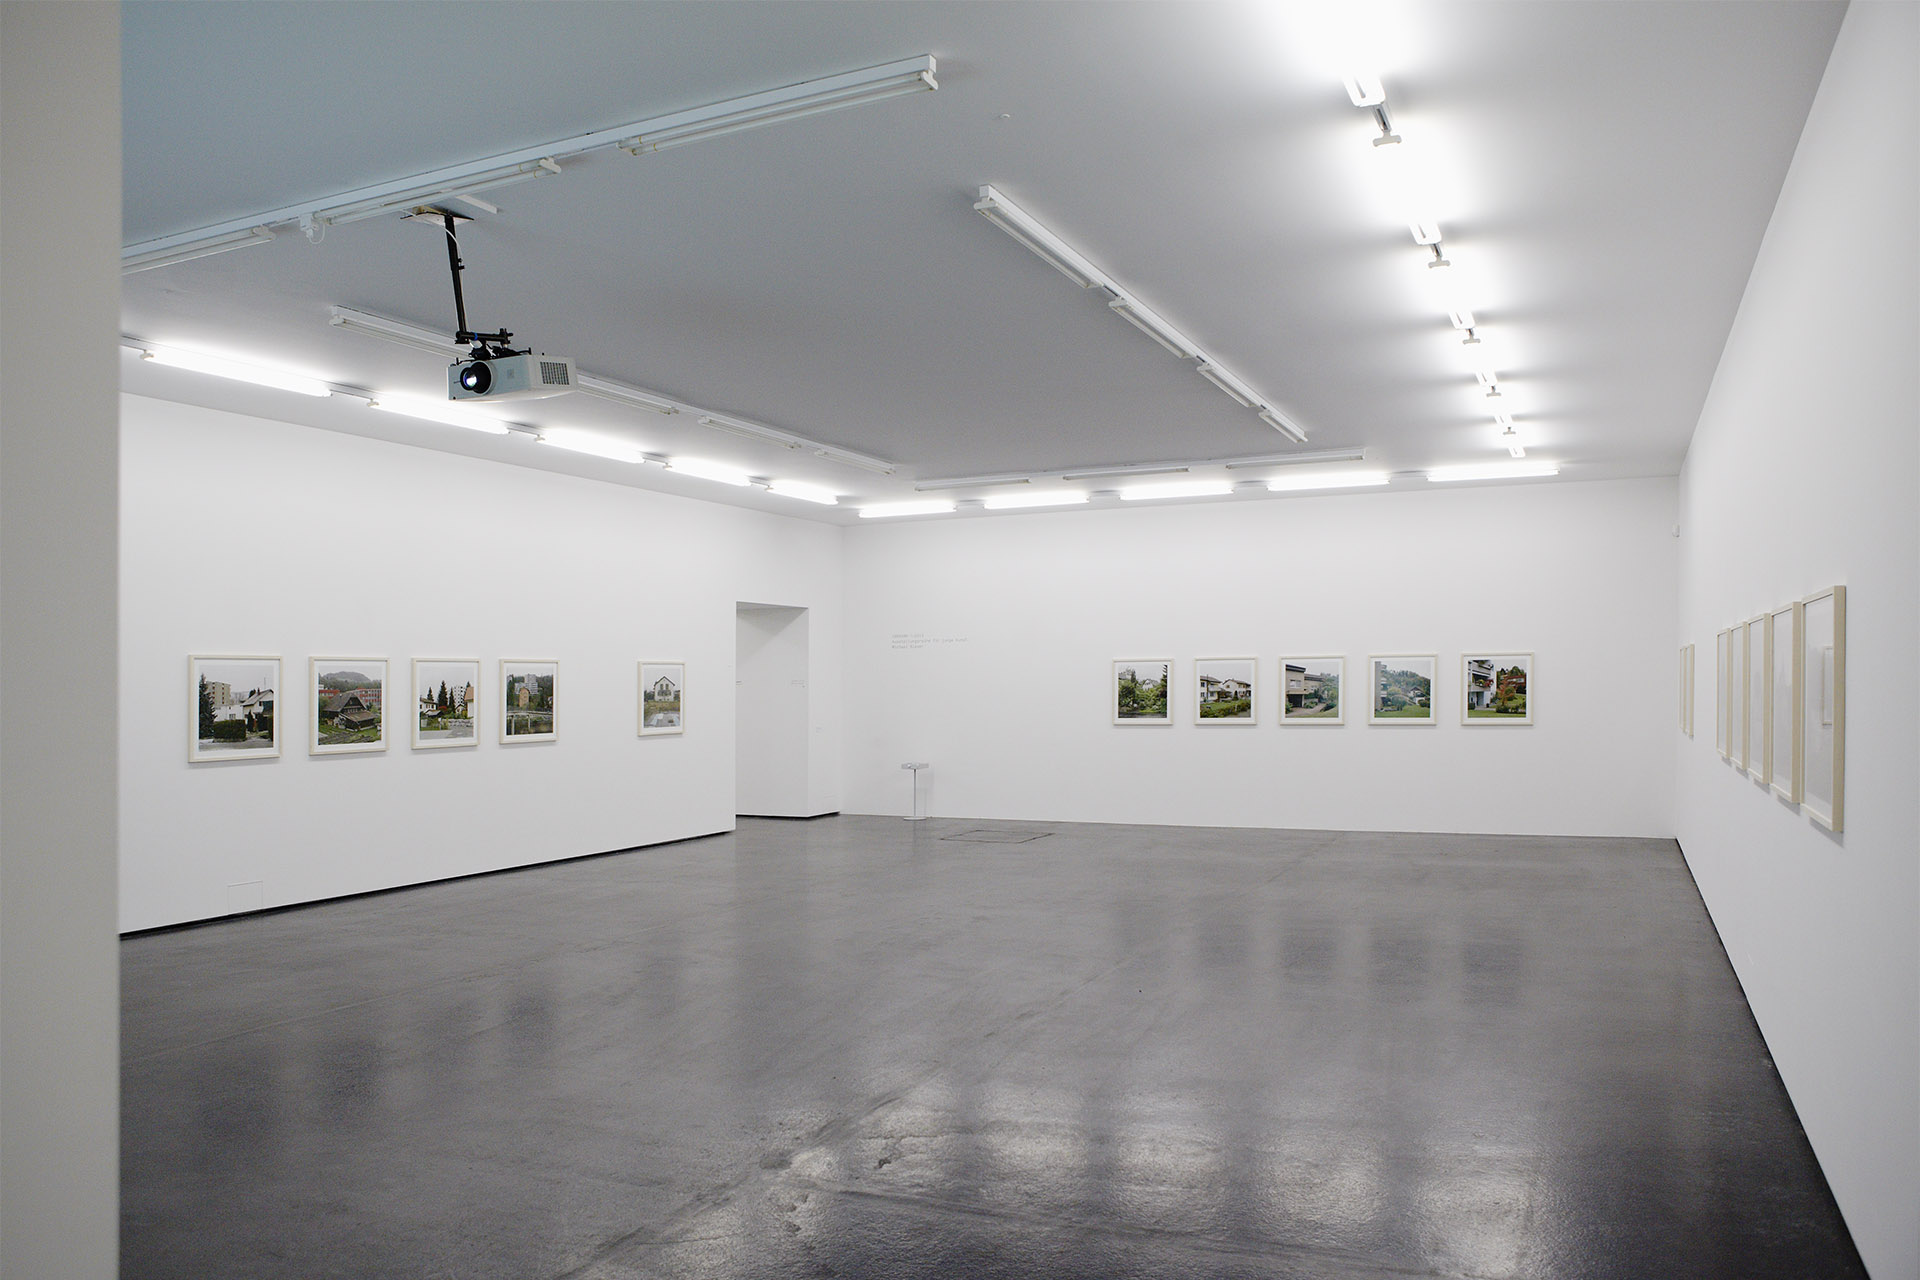 Ausstellung Mittelland | Aargauer Kunsthaus | 2013